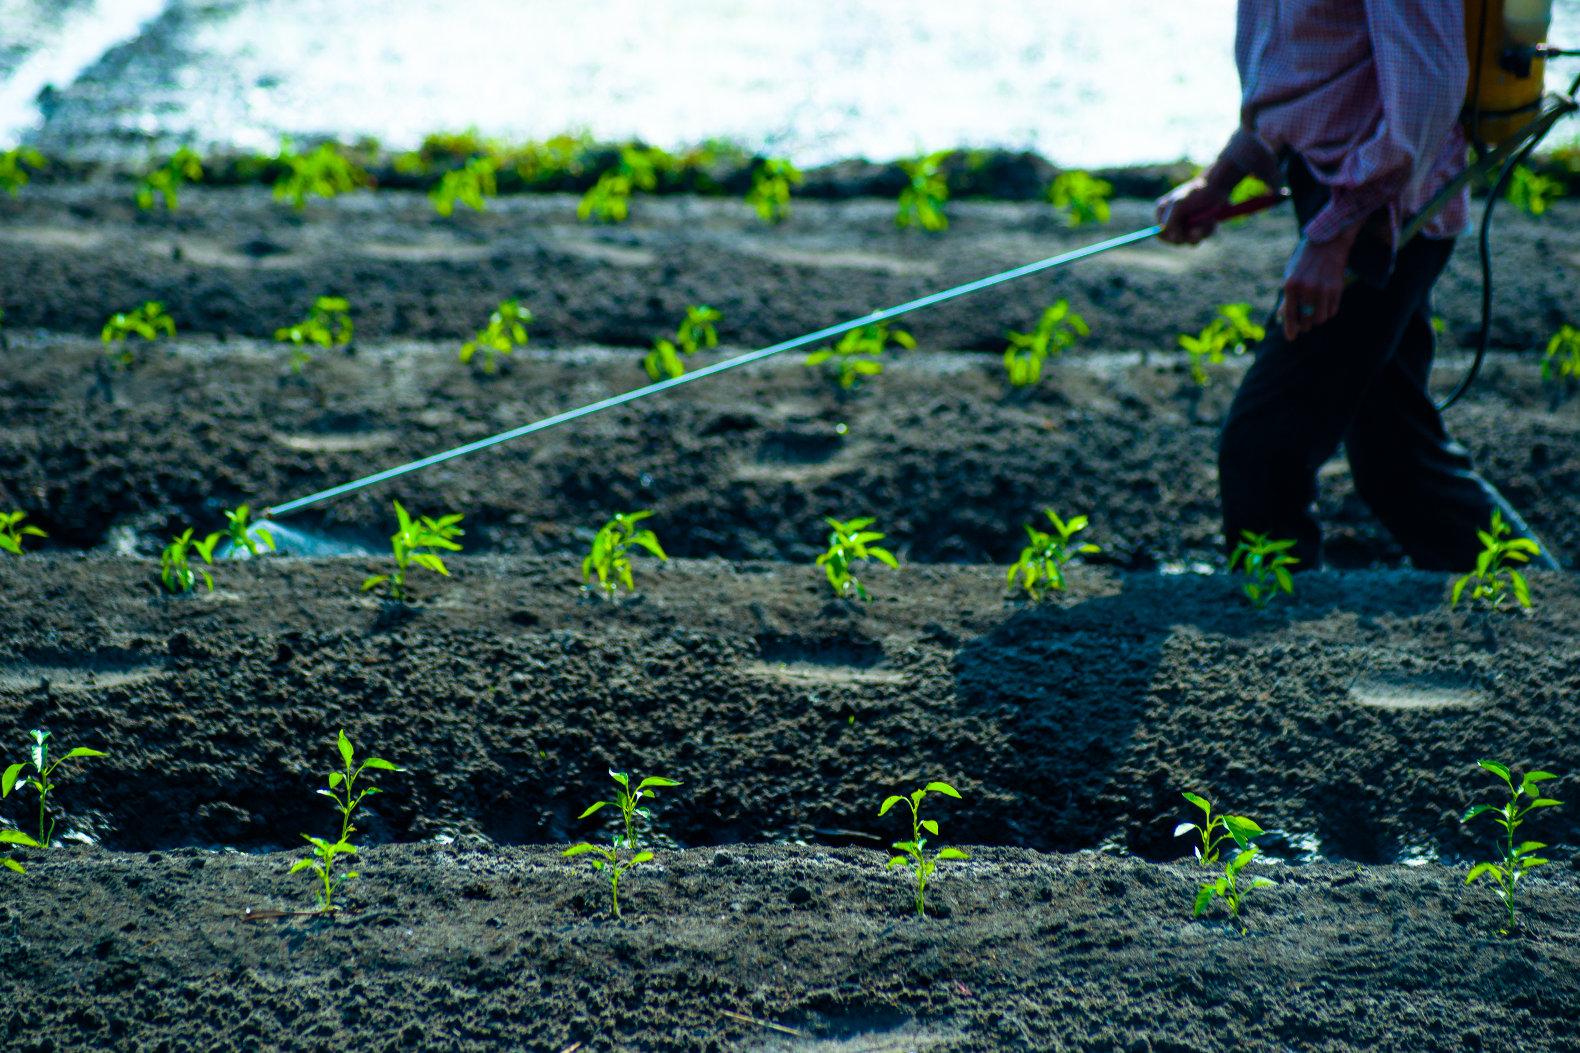 spraying-pesticide-on-farm-crops.jpg